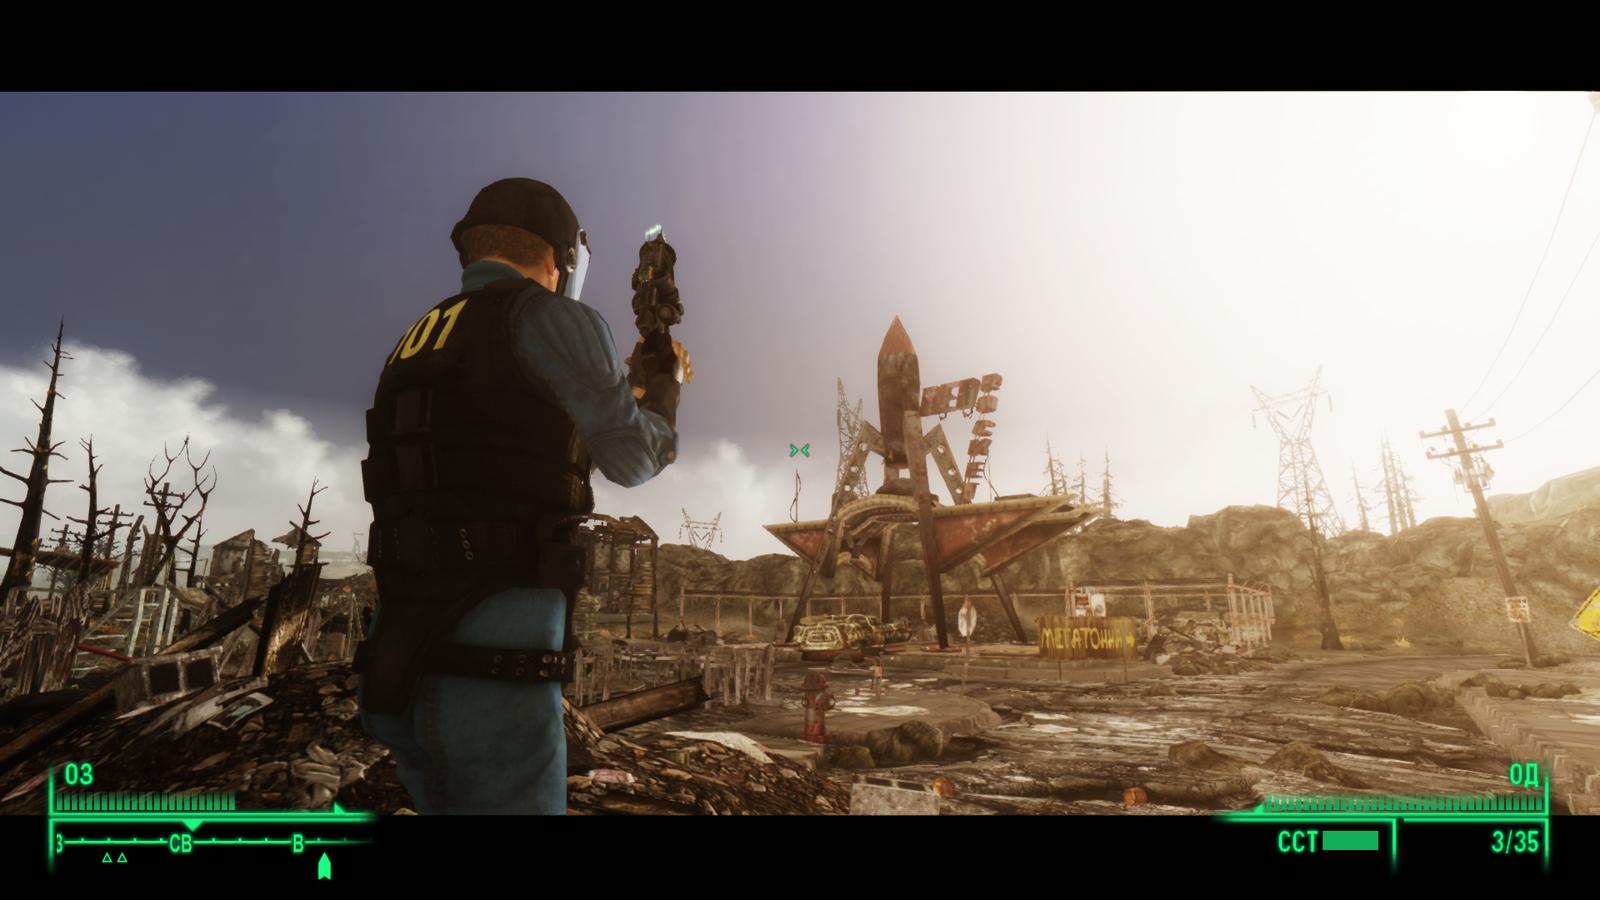 Fallout 3 Screenshot 2019.10.27 - 20.32.21.08